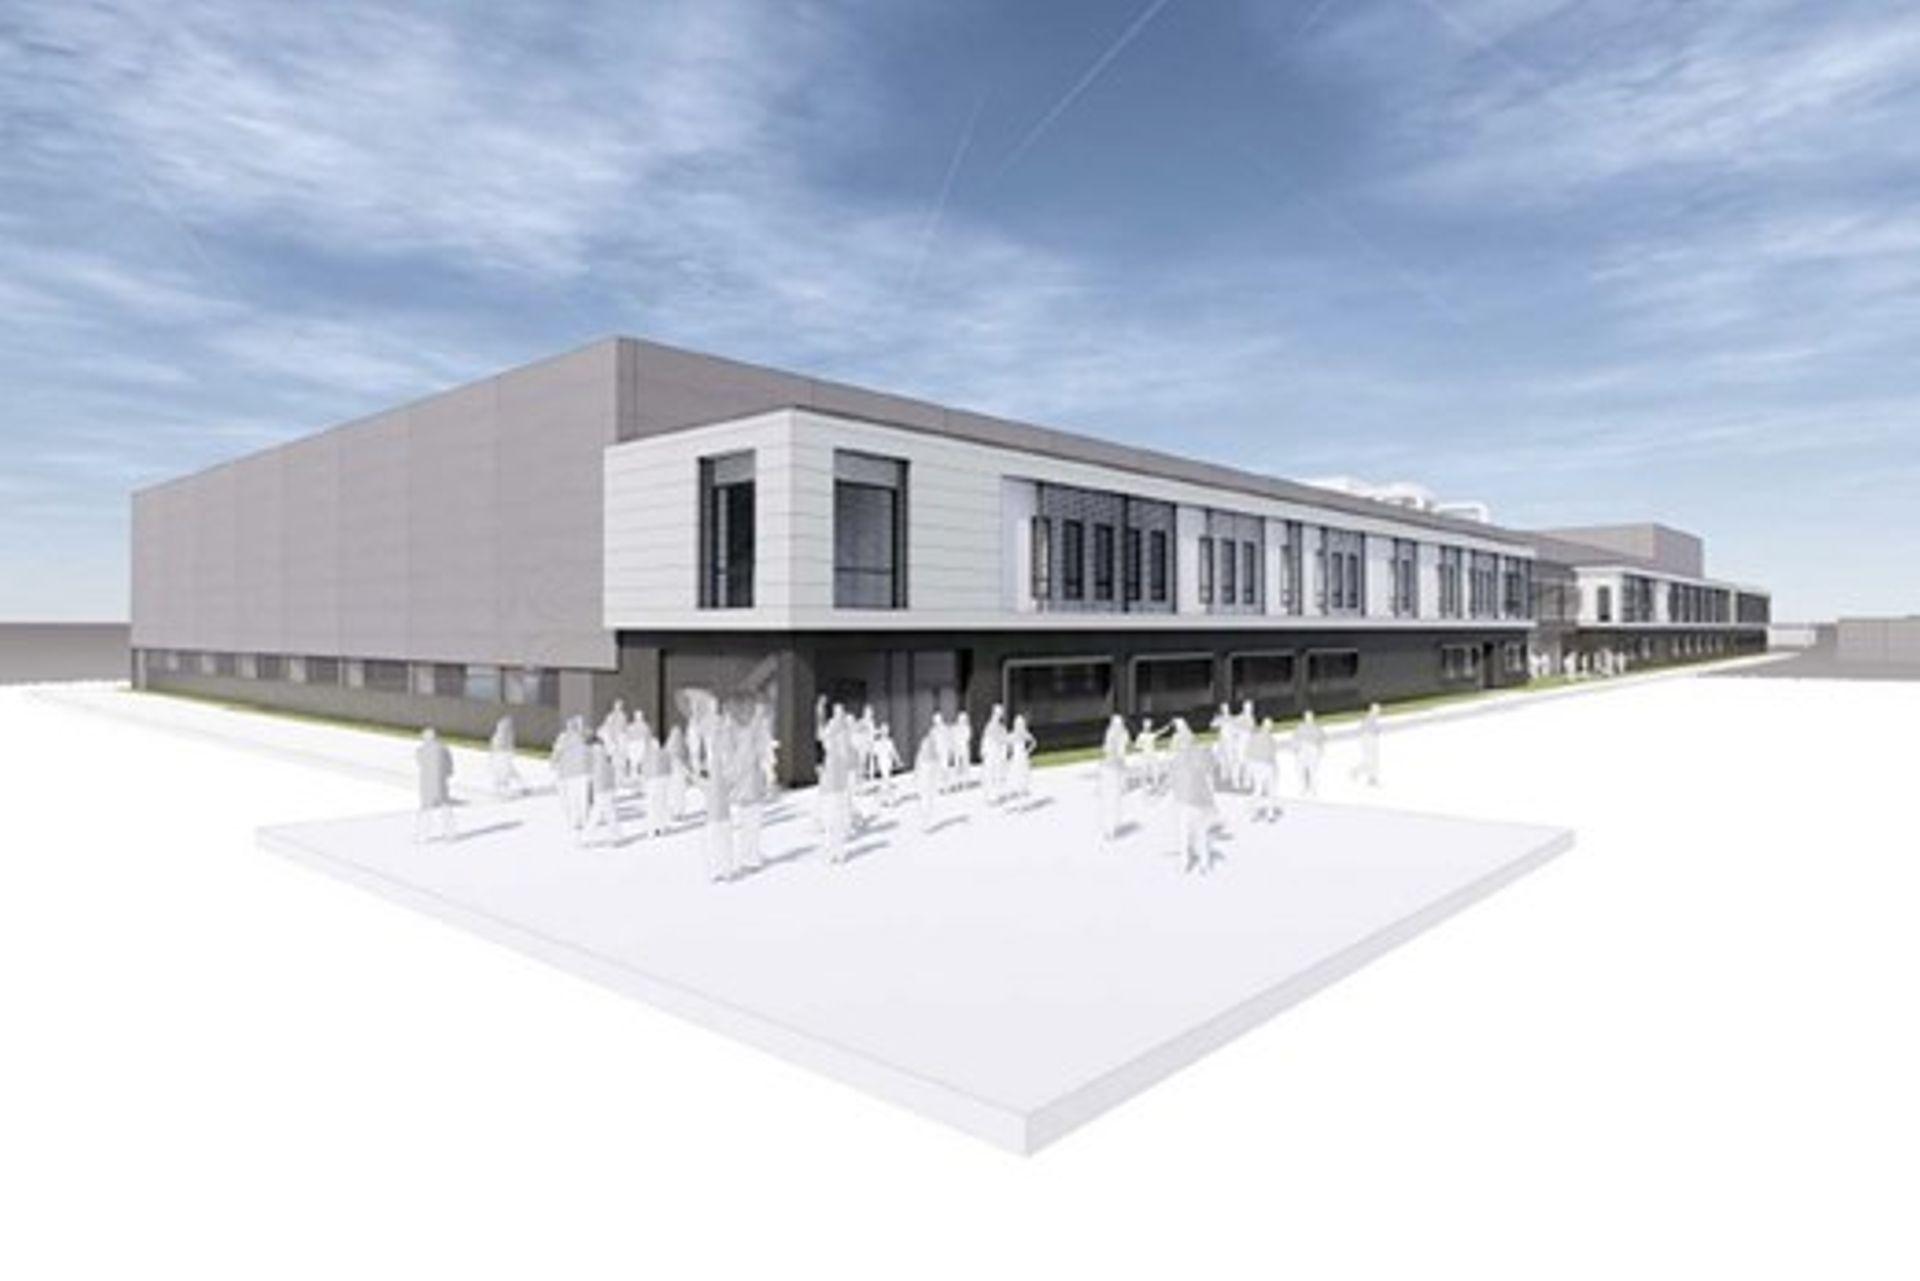 Danfoss rozpoczął rozbudowę fabryki pod Warszawą. Przybędzie wiele nowych miejsc pracy